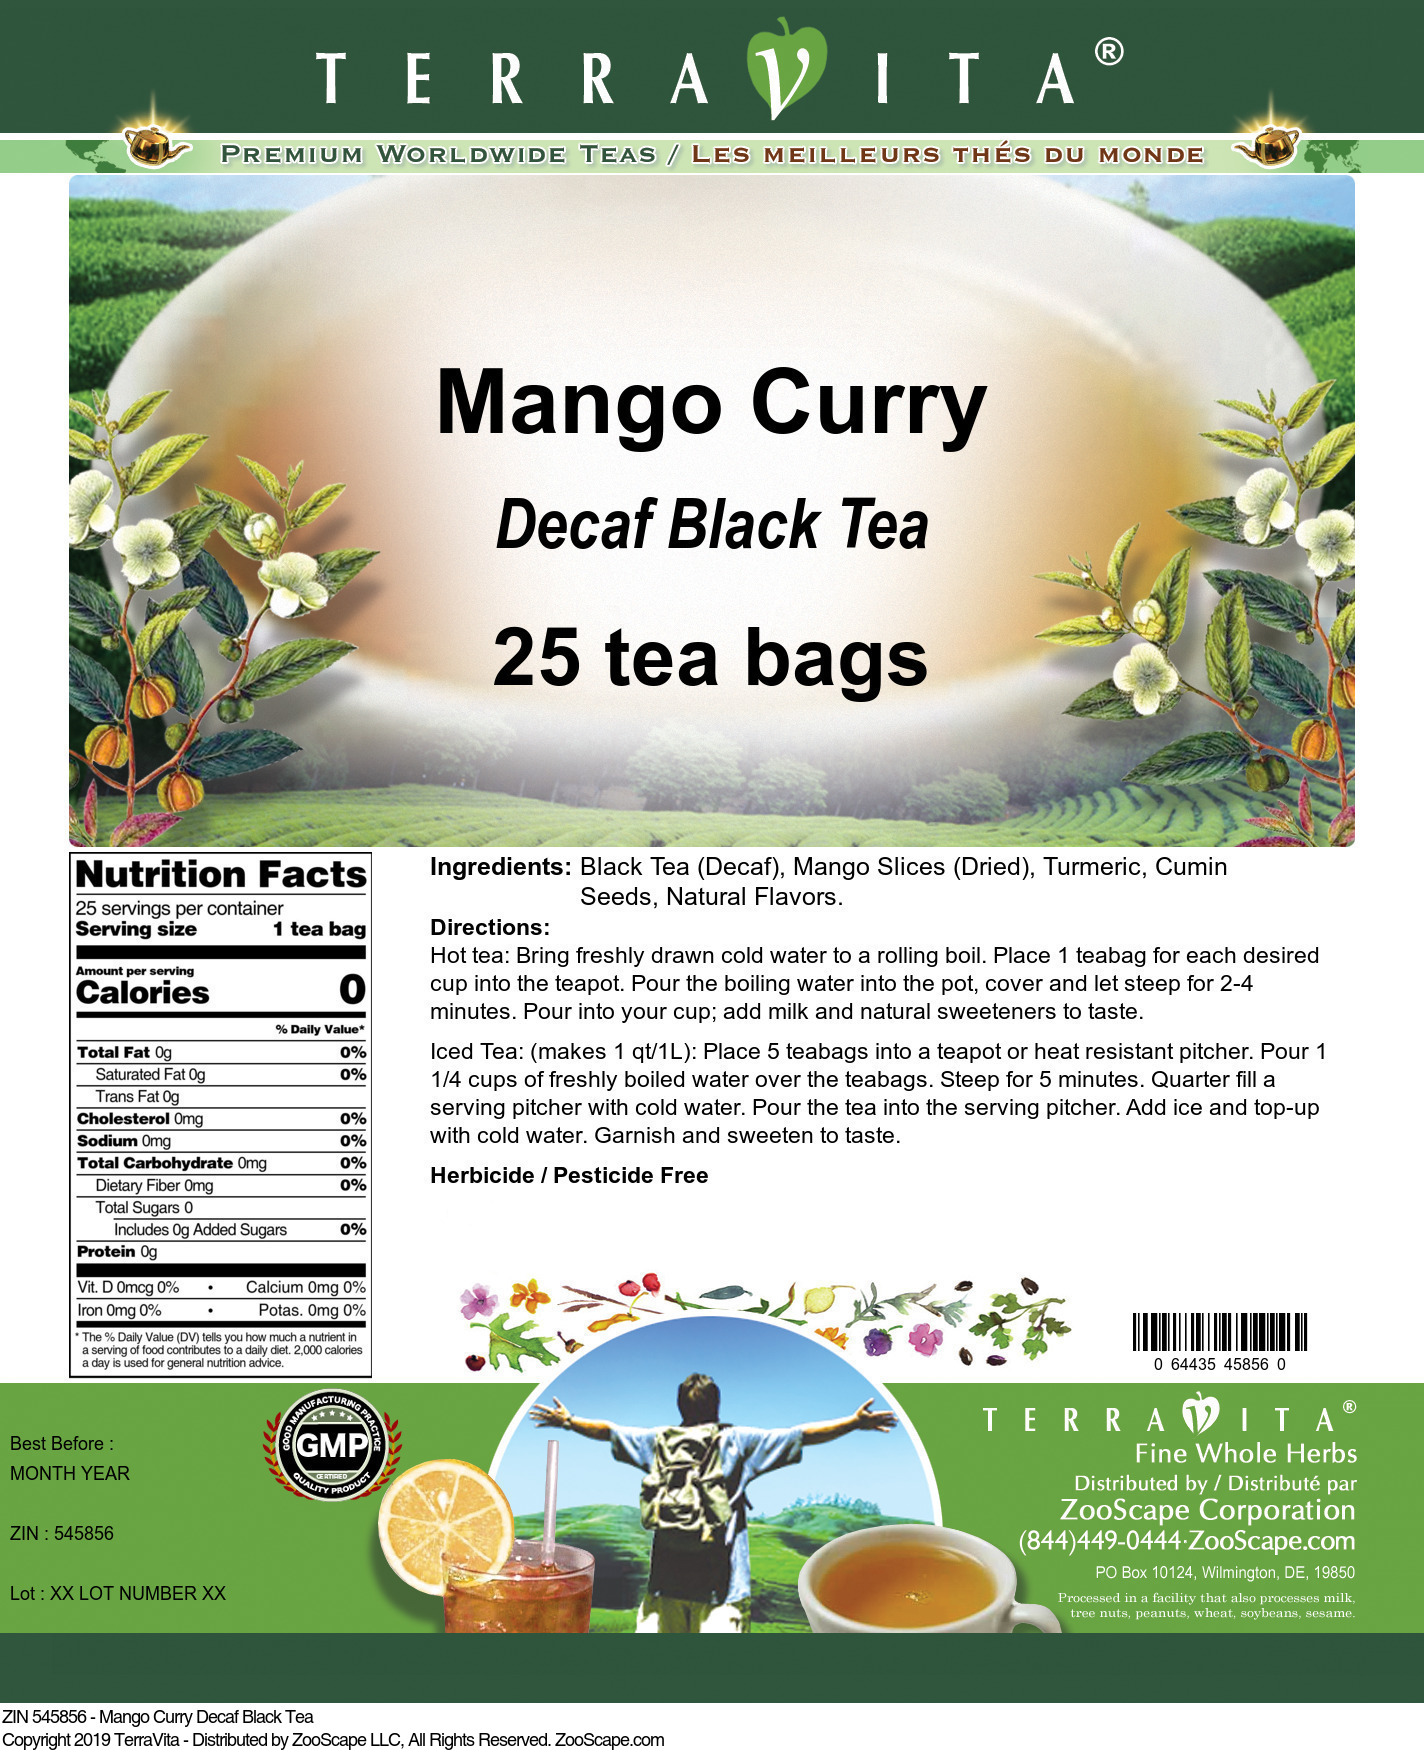 Mango Curry Decaf Black Tea